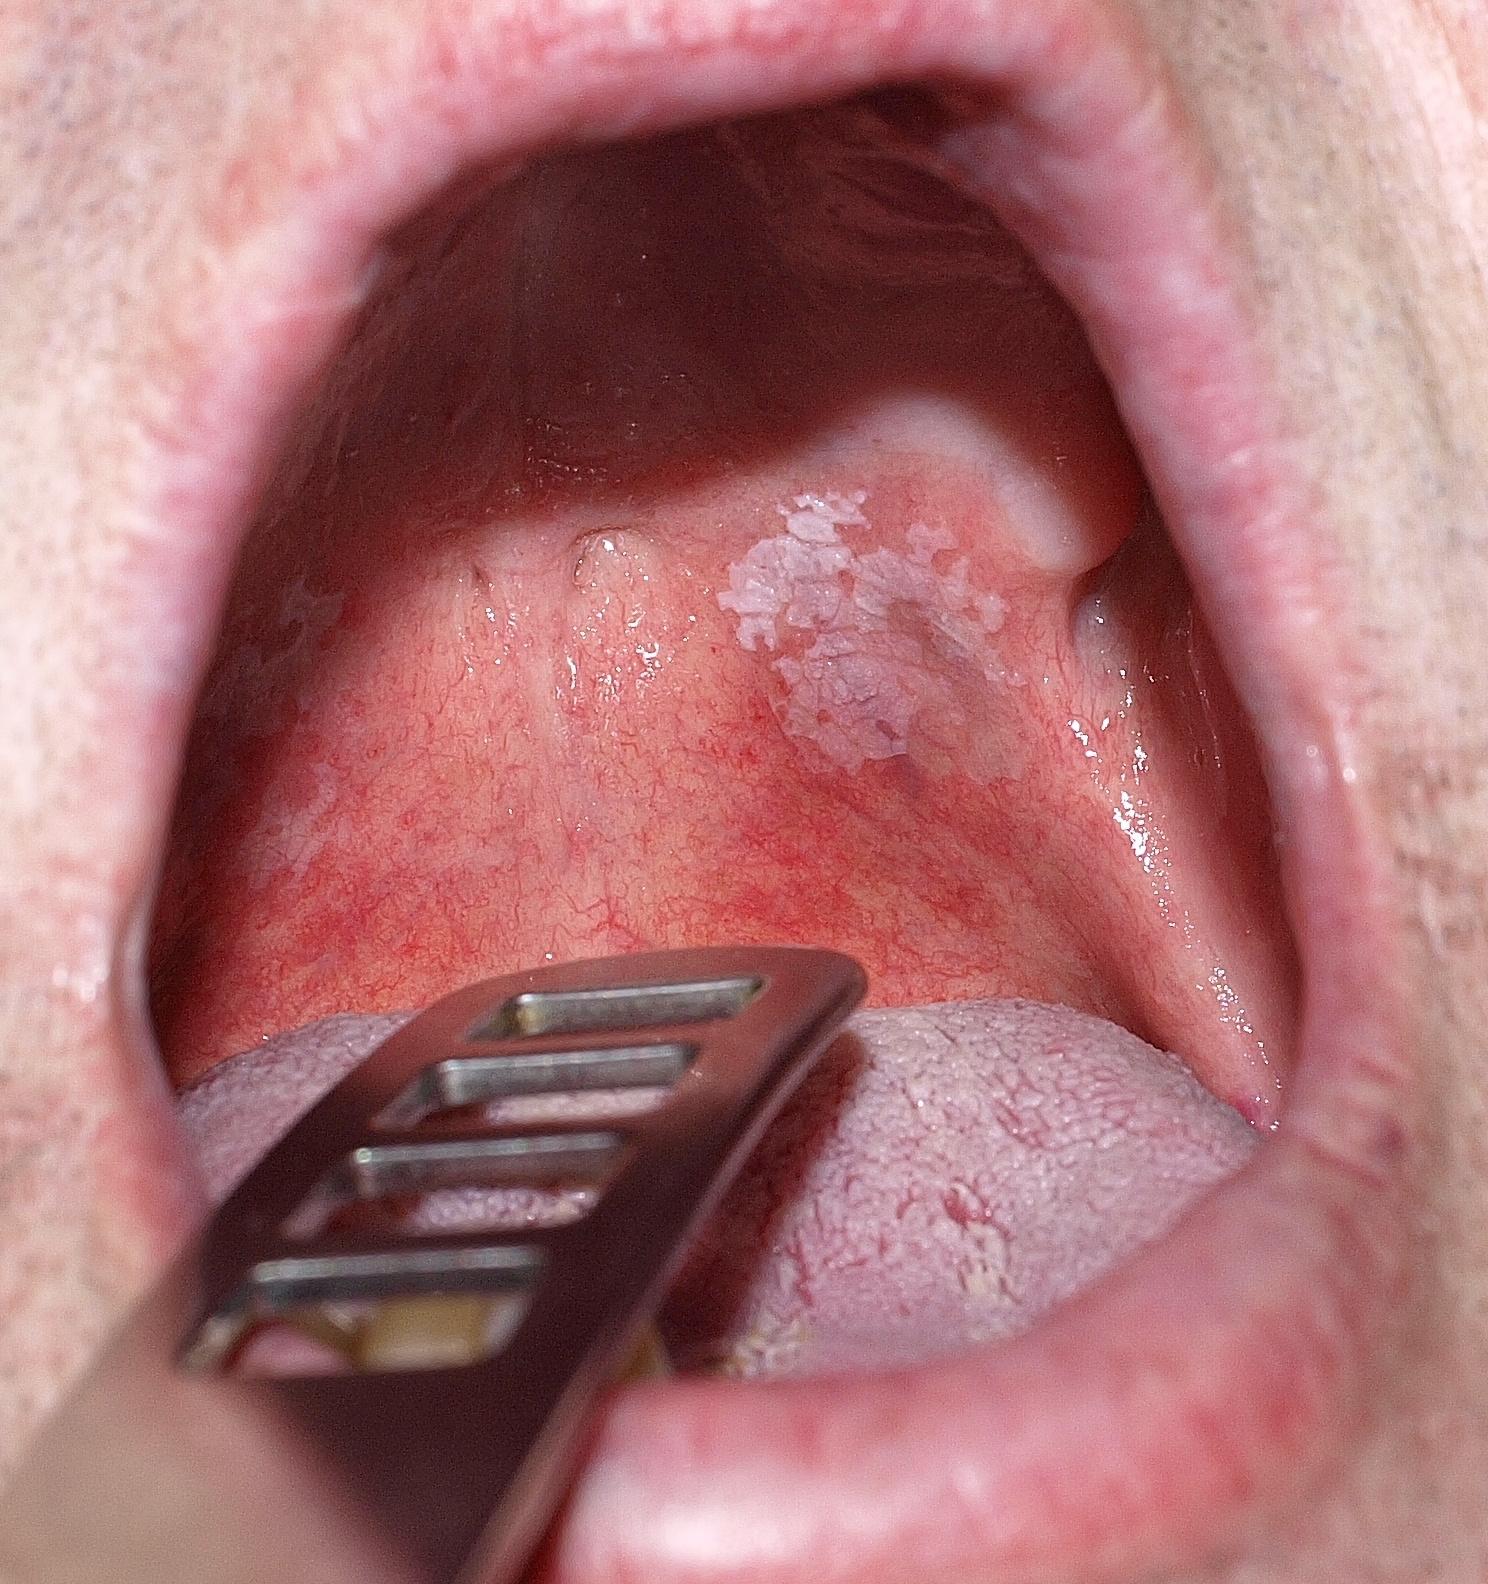 A súlyos torokfájás okai, tünetei és kezelése | Strepsils